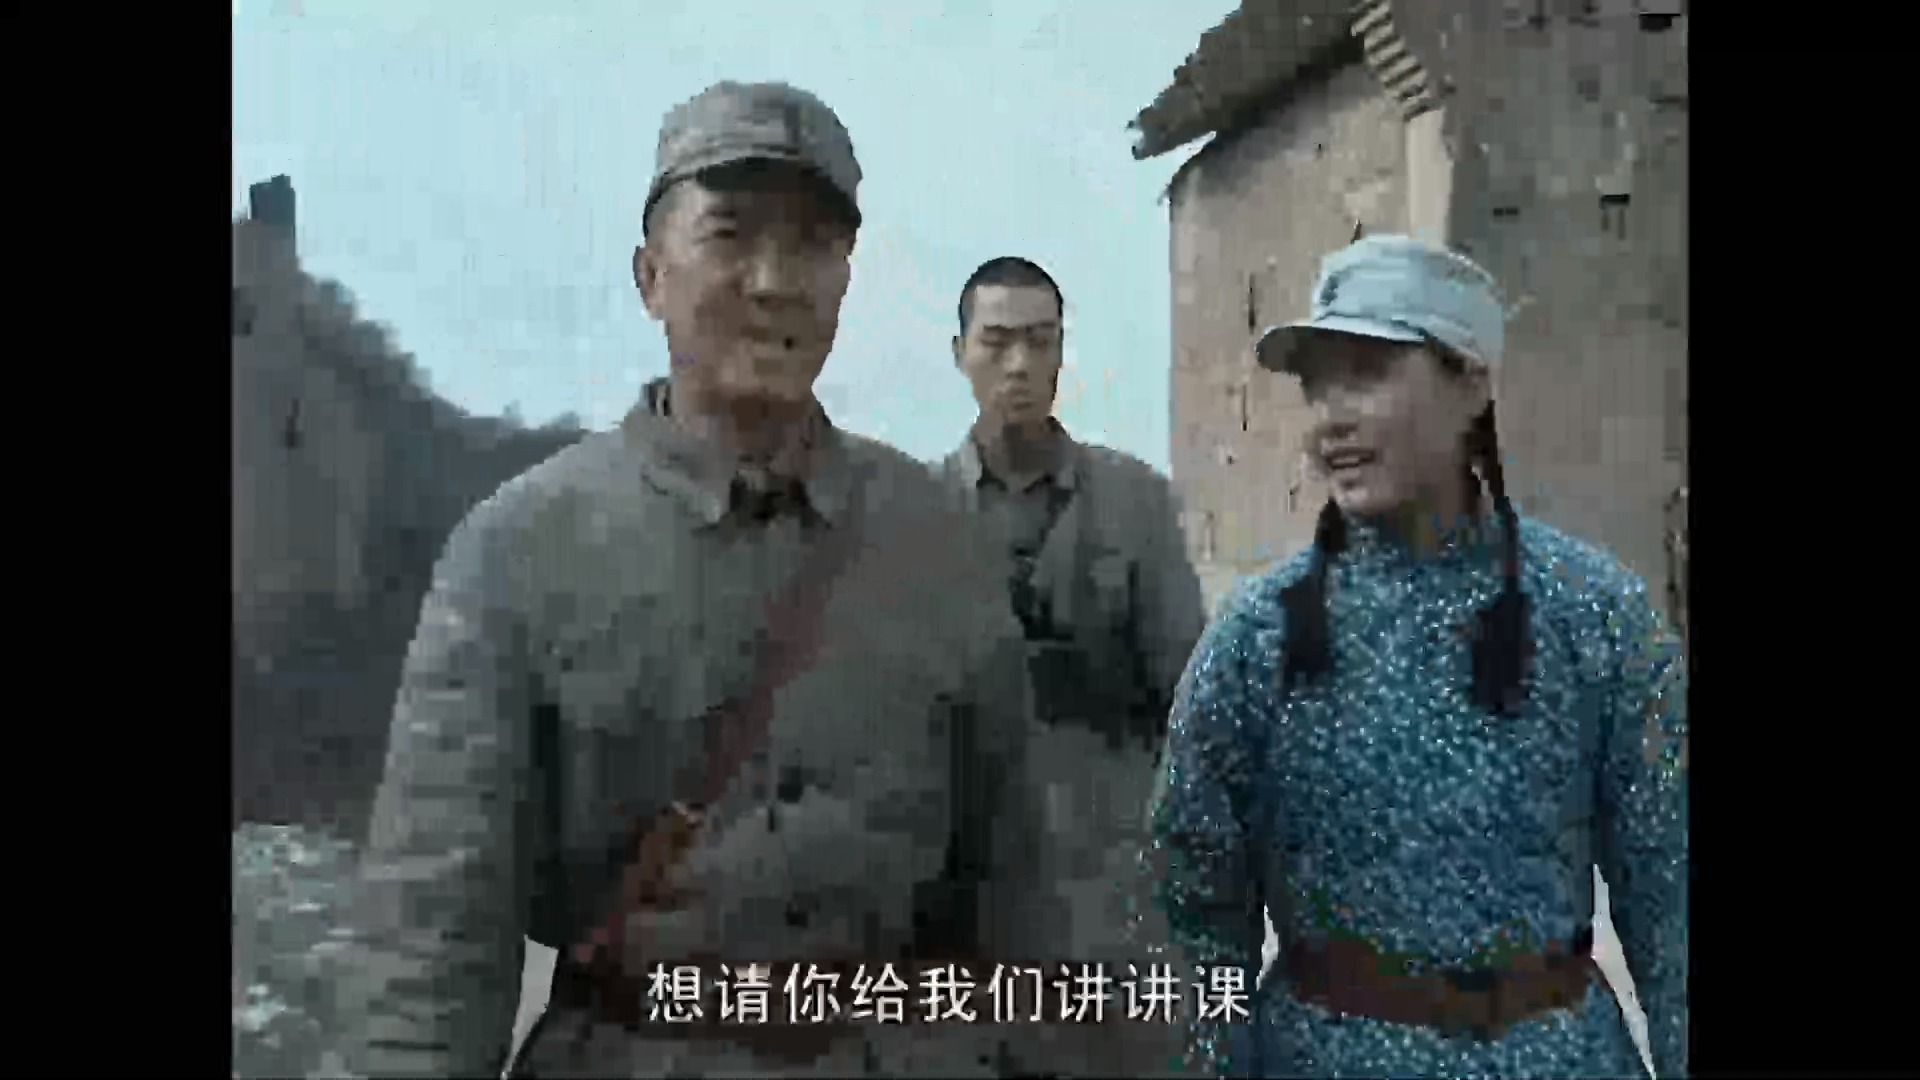 亮剑:李云龙这个粗人,竟也能讲课,秀琴提出长征过草地的故事!